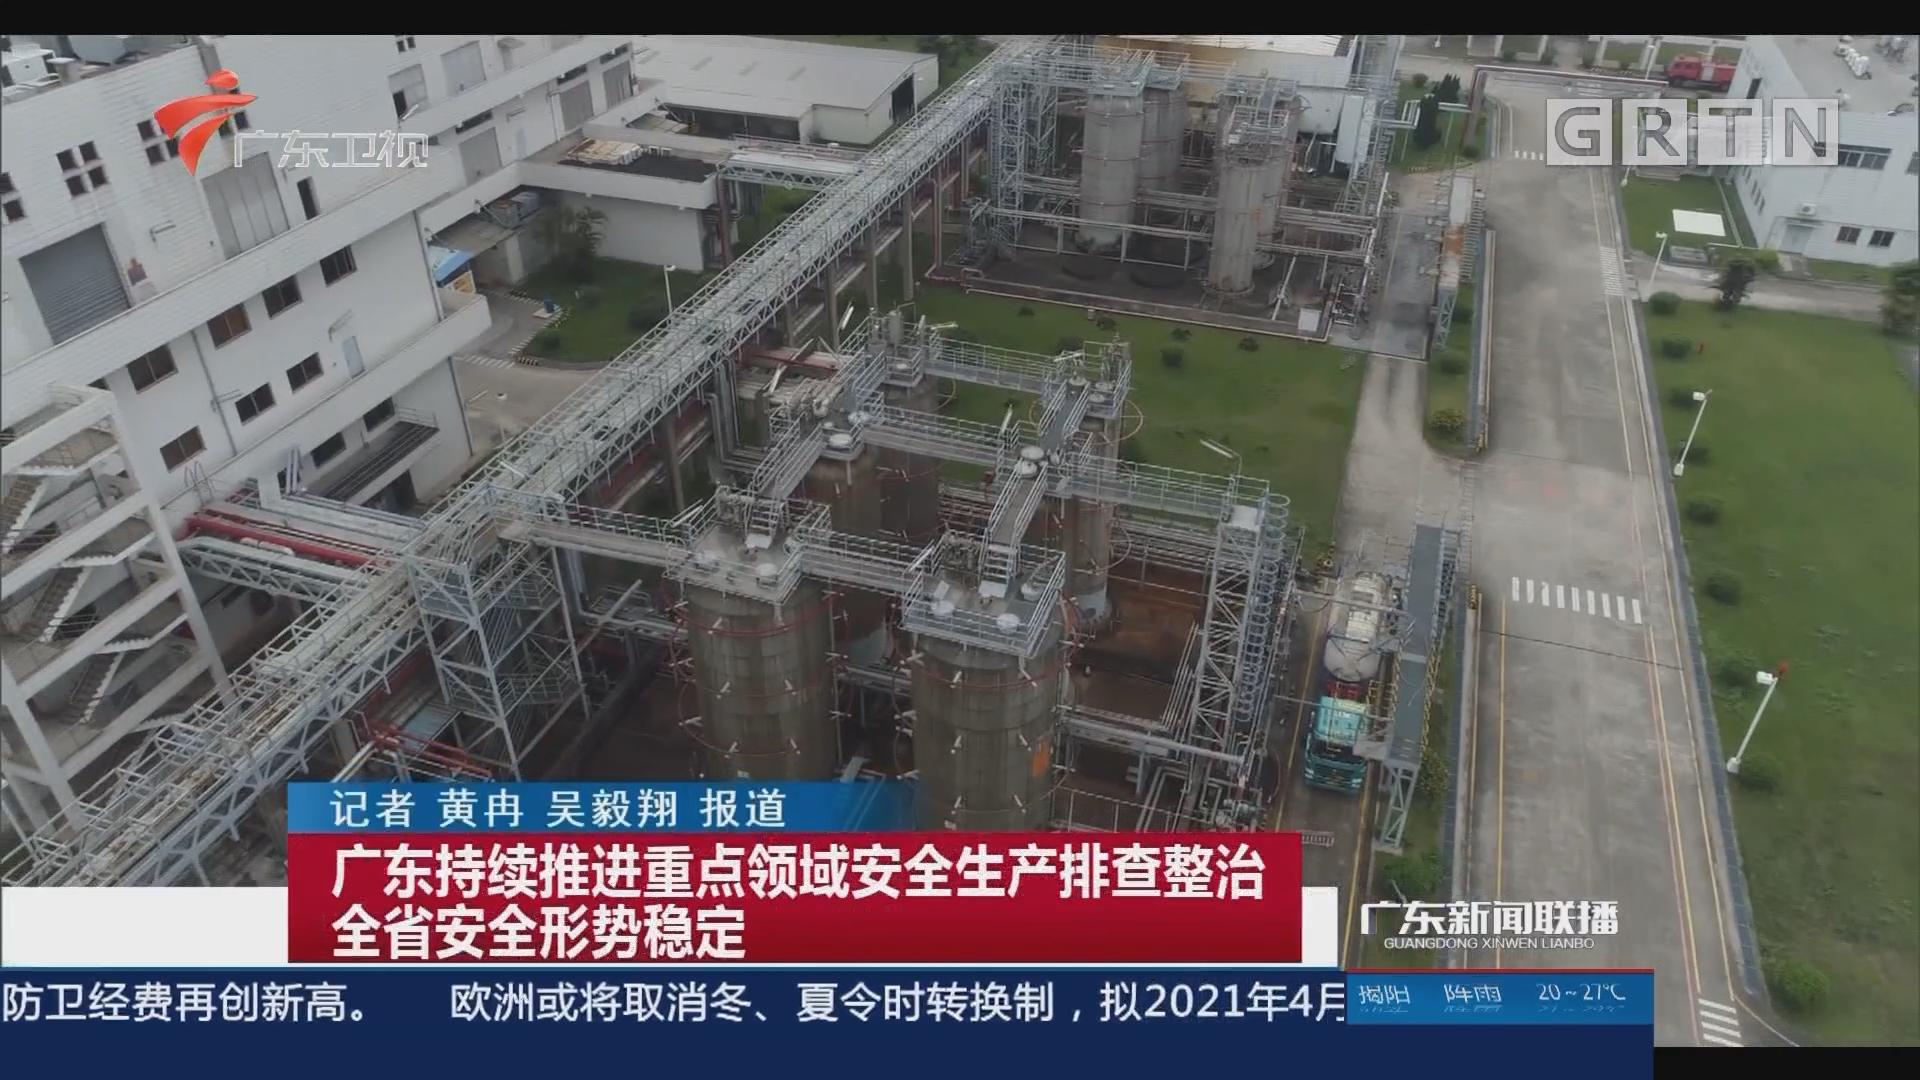 广东持续推进重点领域安全生产排查整治 全省安全形势稳定